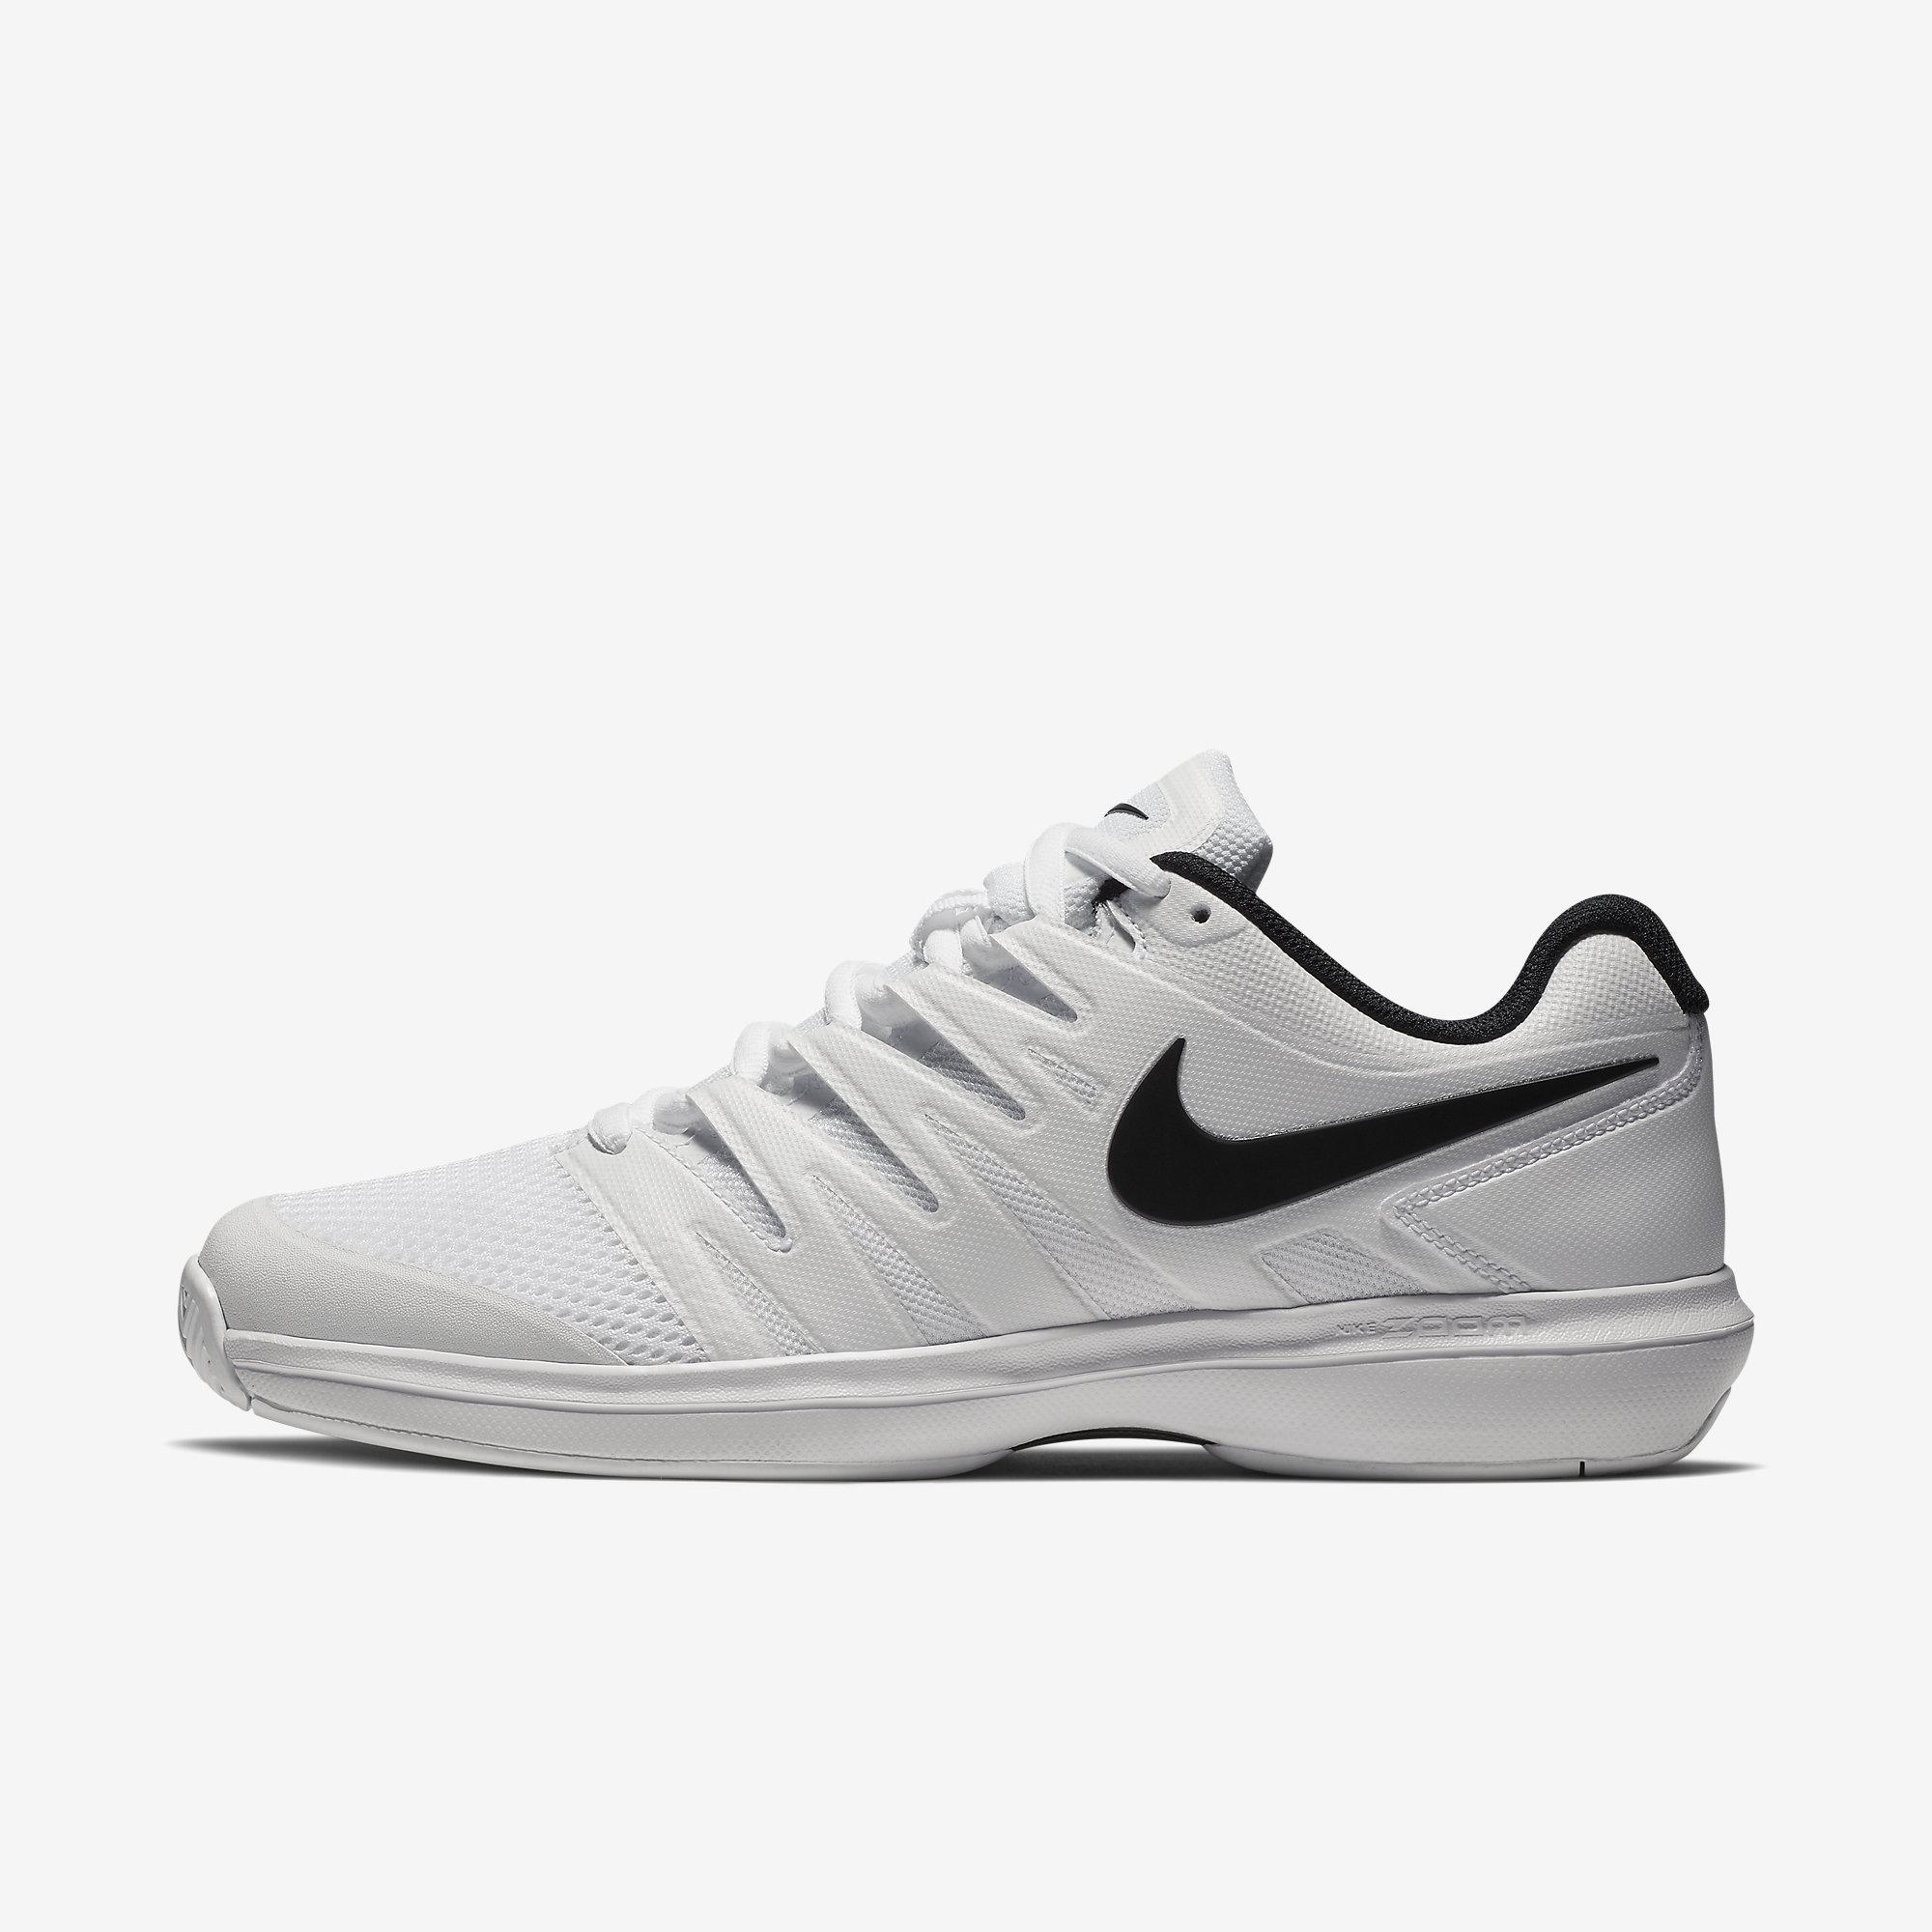 0ae971b1df Nike Boys Air Zoom Prestige Tennis Shoes - White/Black - Tennisnuts.com